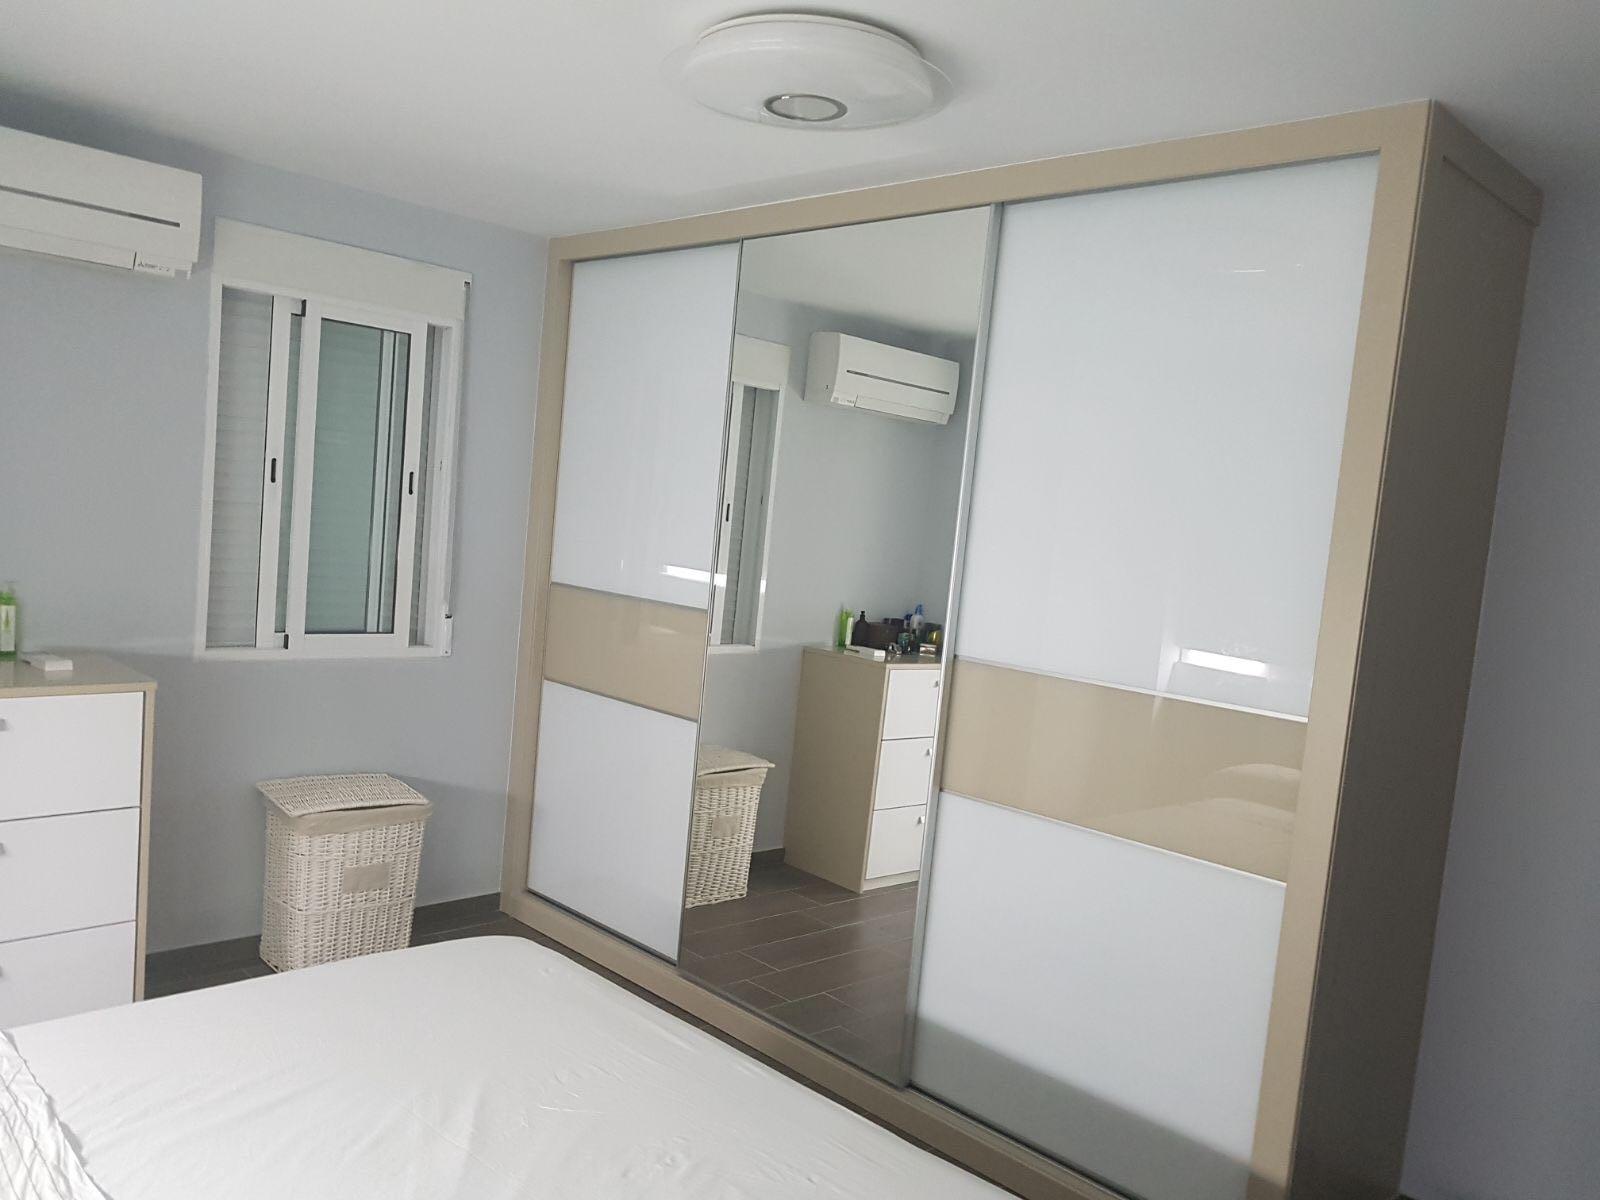 Armario Habitación Puertas Correderas Acabado Blanco y Crema